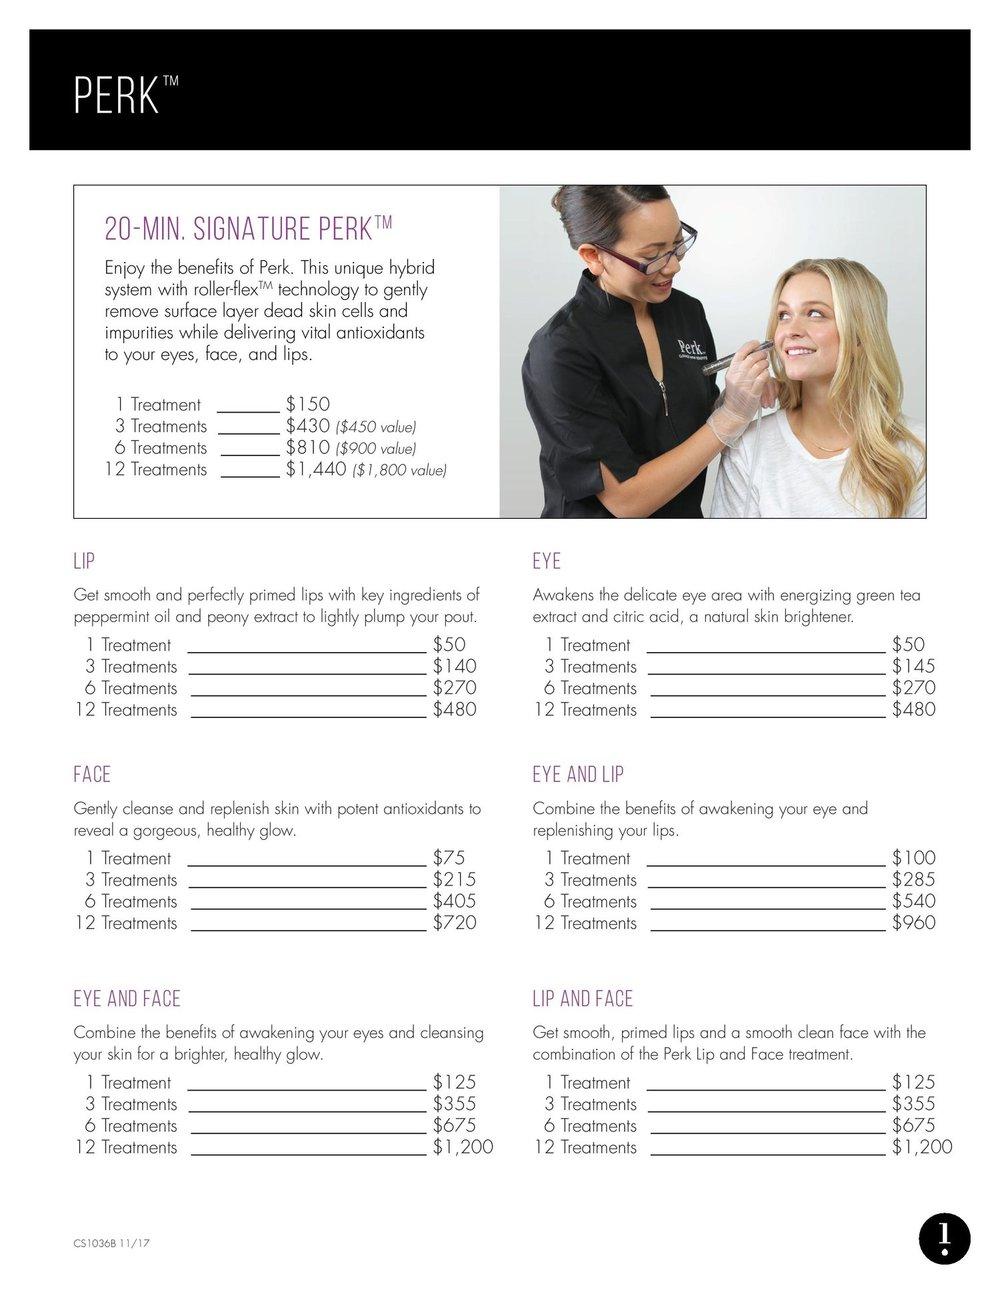 HydraFacial-Memership-Pricing(1)-page-004.jpg